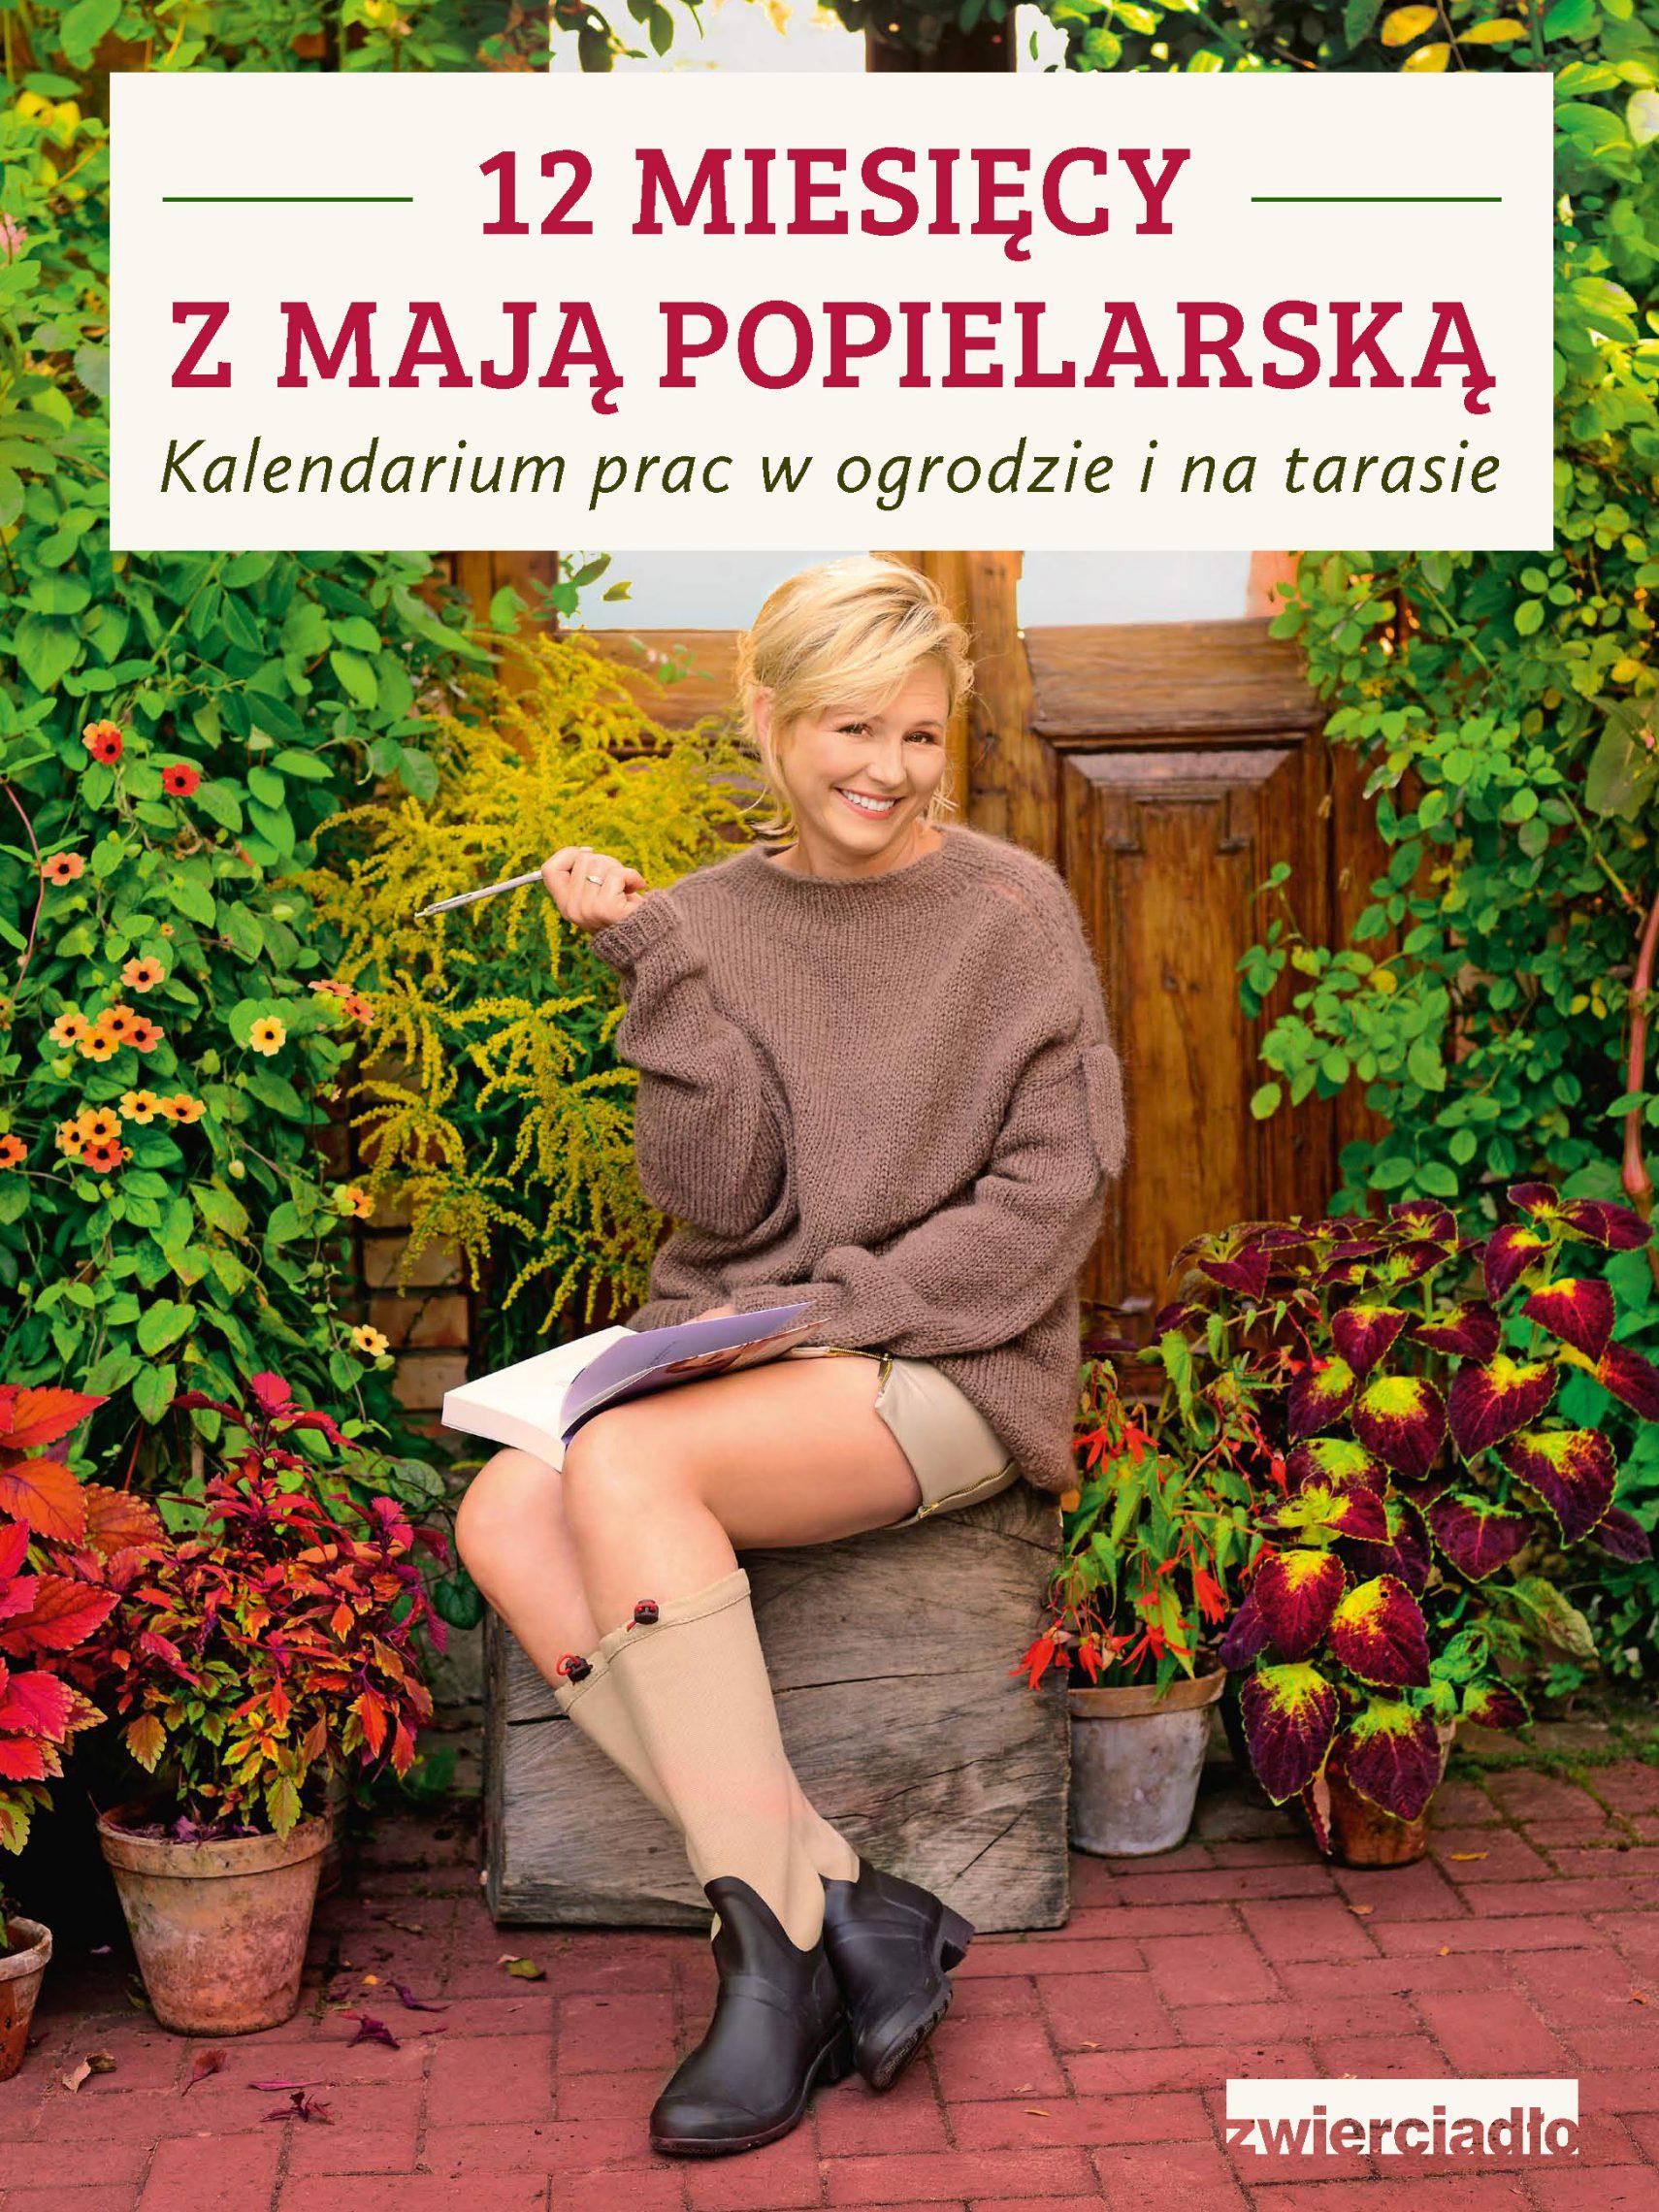 12_miesiecy_z_Maja-scaled